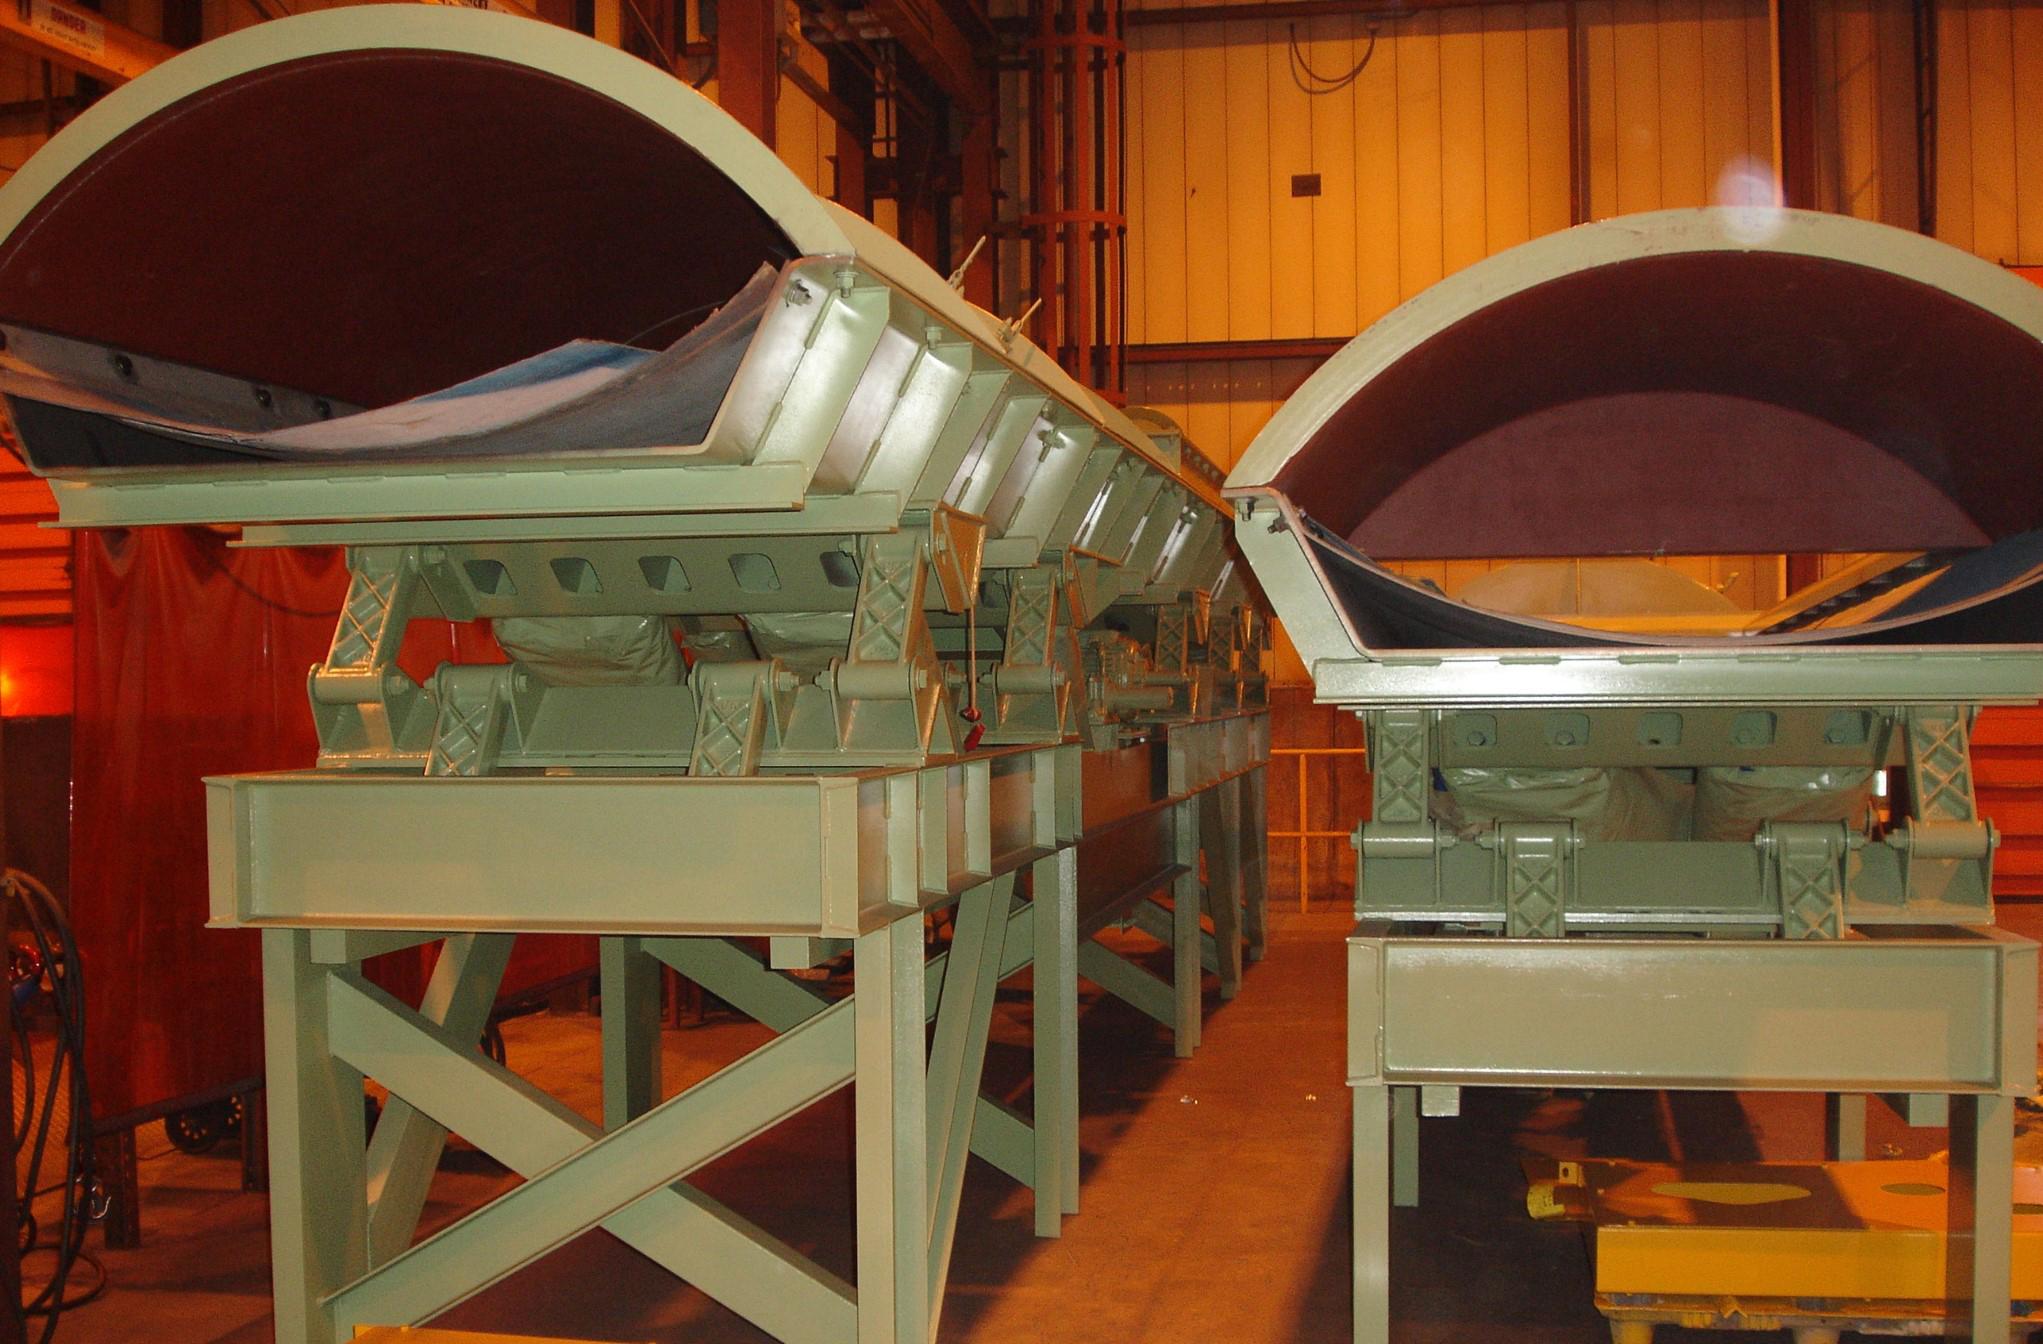 Vibra Belt conveyors